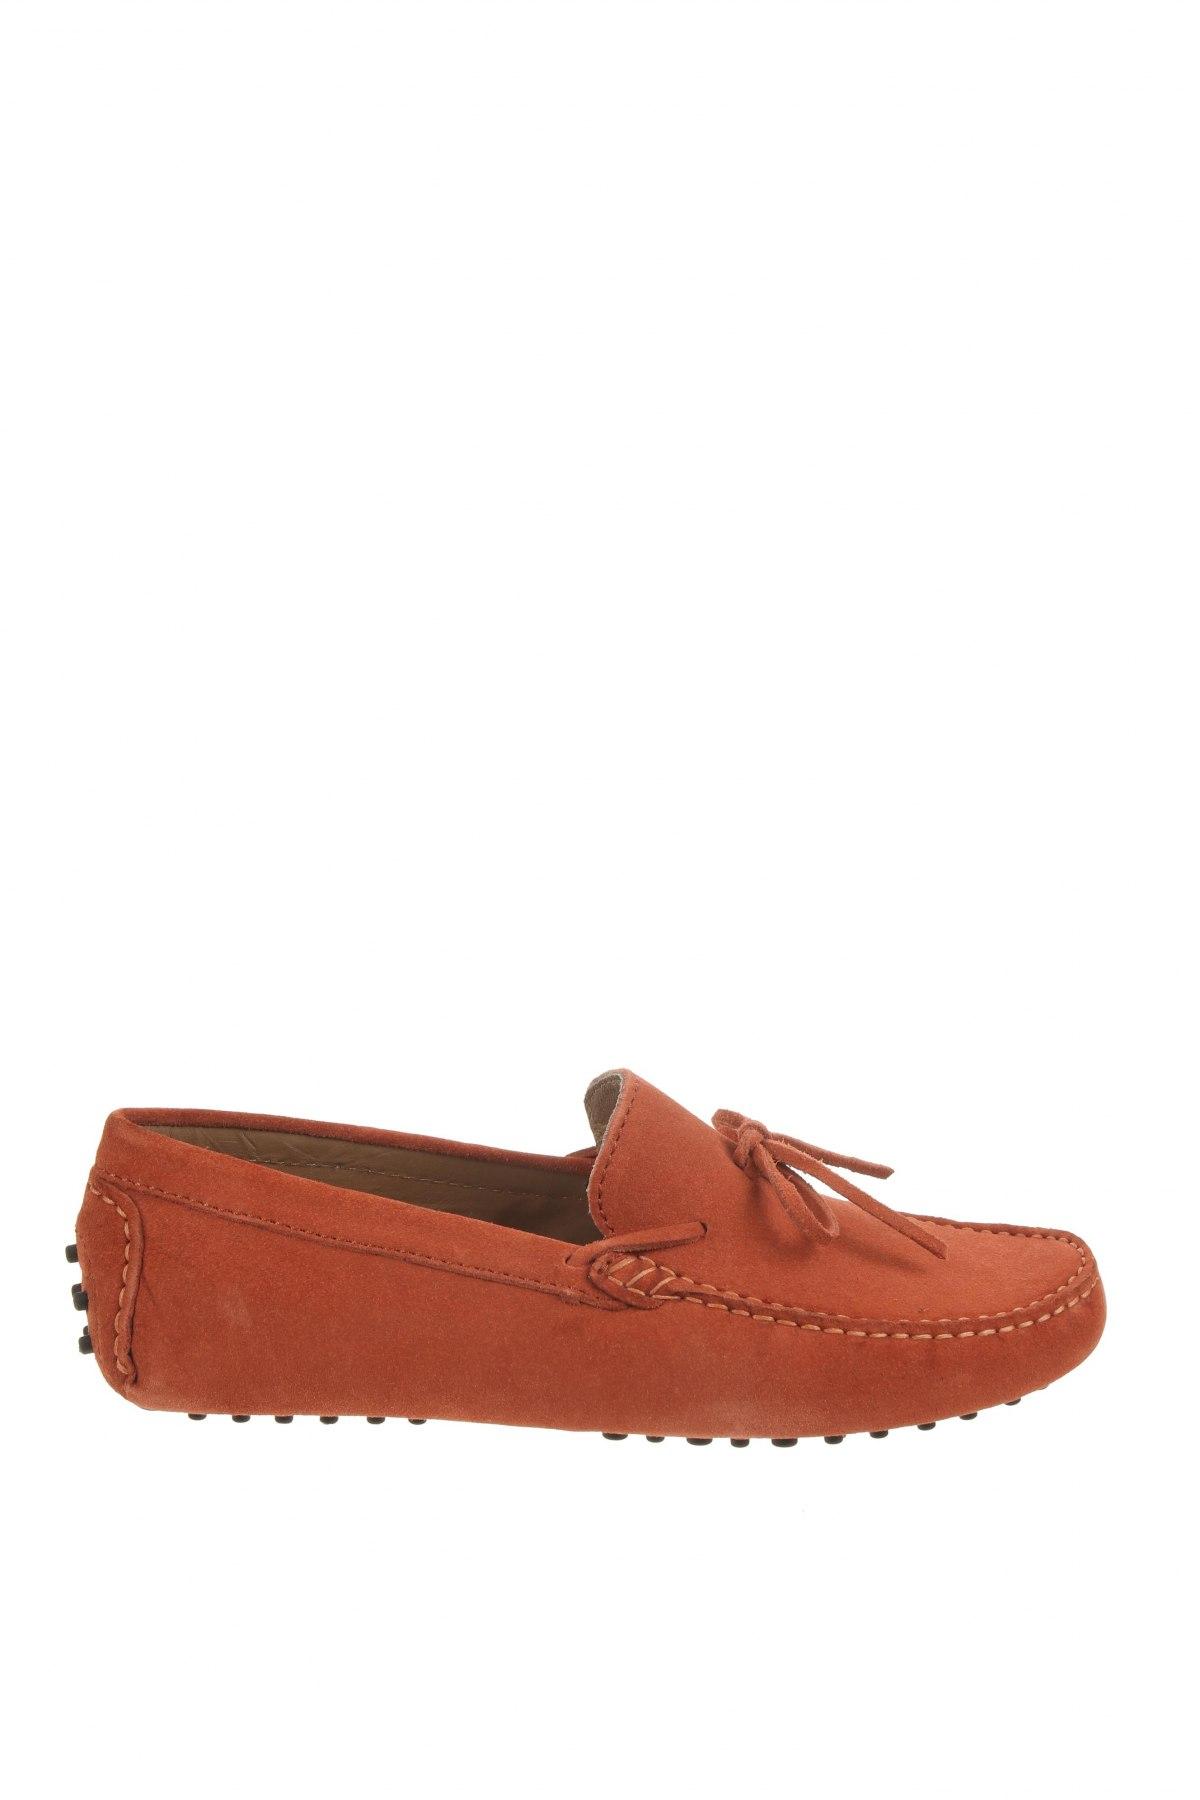 Ανδρικά παπούτσια John Scott, Μέγεθος 42, Χρώμα Κόκκινο, Φυσικό σουέτ, Τιμή 19,69€